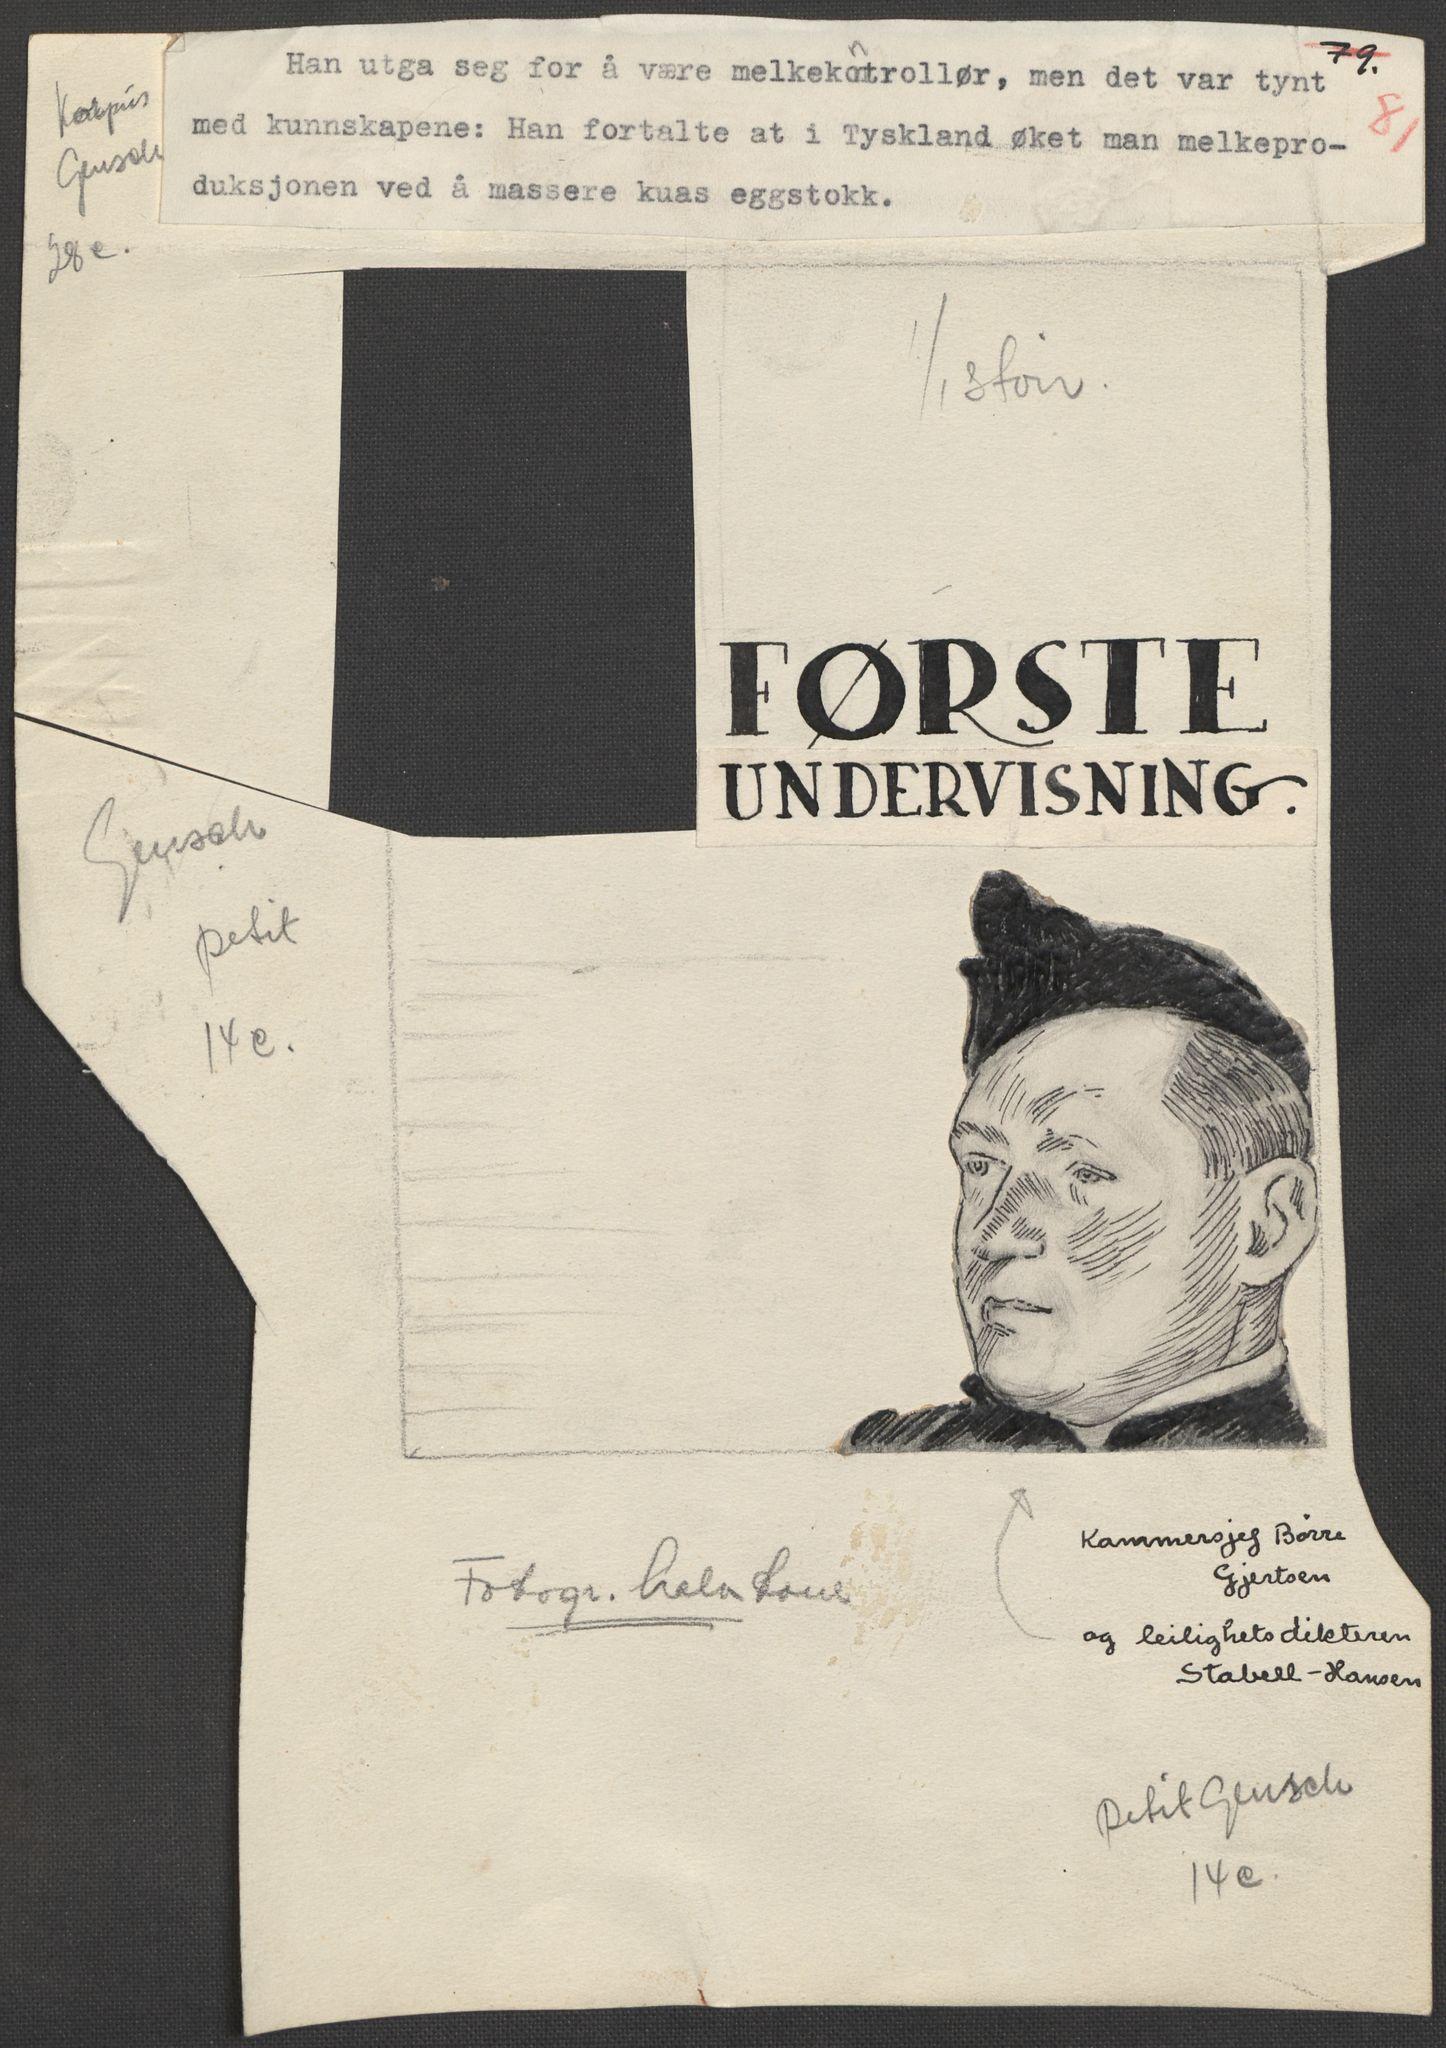 RA, Grøgaard, Joachim, F/L0002: Tegninger og tekster, 1942-1945, s. 89